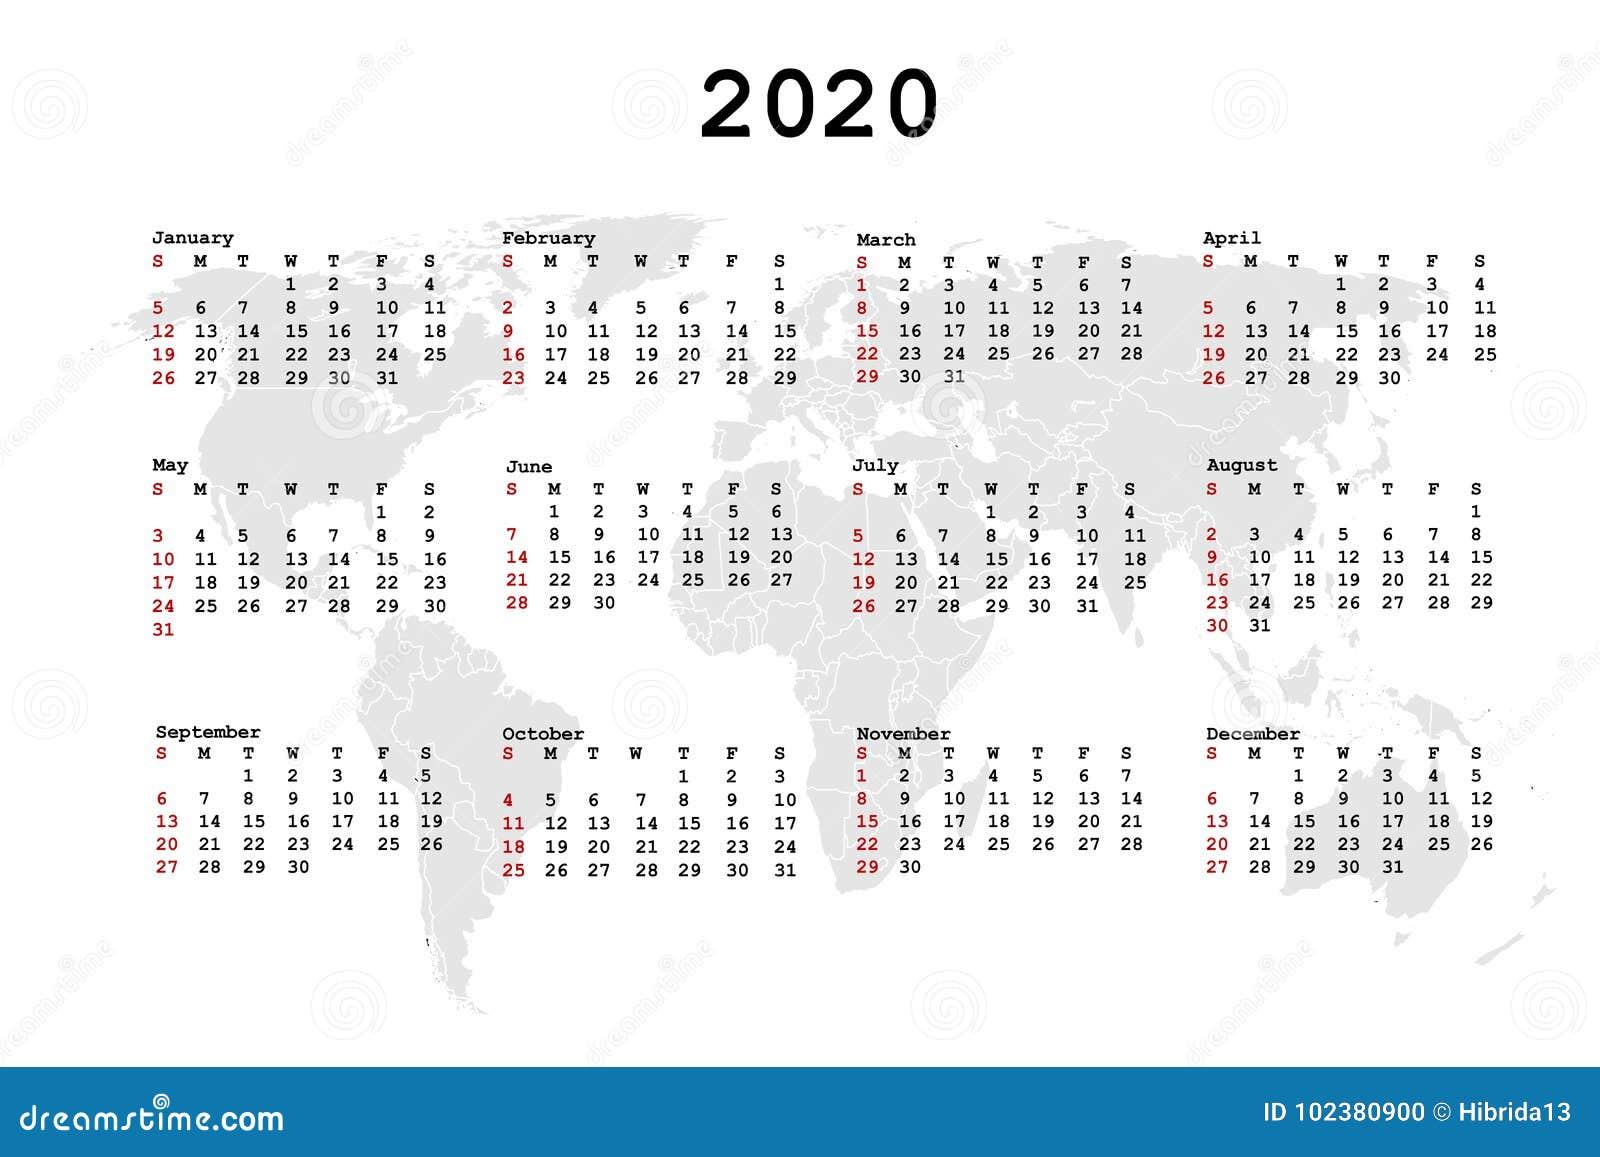 Dicembre Calendario 2020.Calendario 2020 Per L Ordine Del Giorno Con La Mappa Di